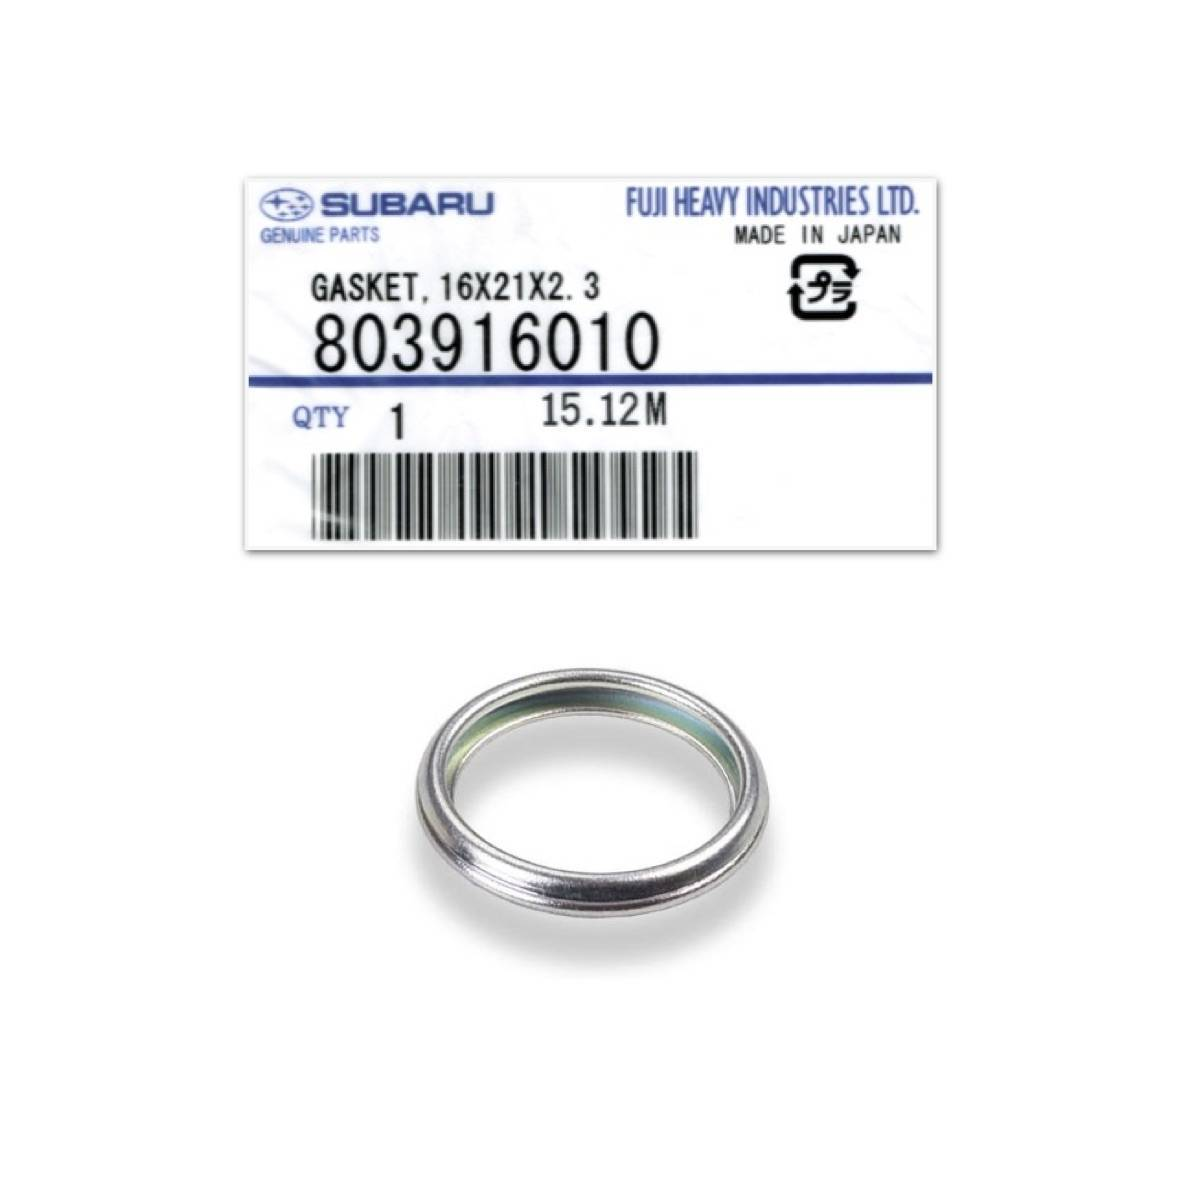 Anel de vedação do cárter - Subaru - 803916010 - PerformanceLUB Lubrificantes Premium